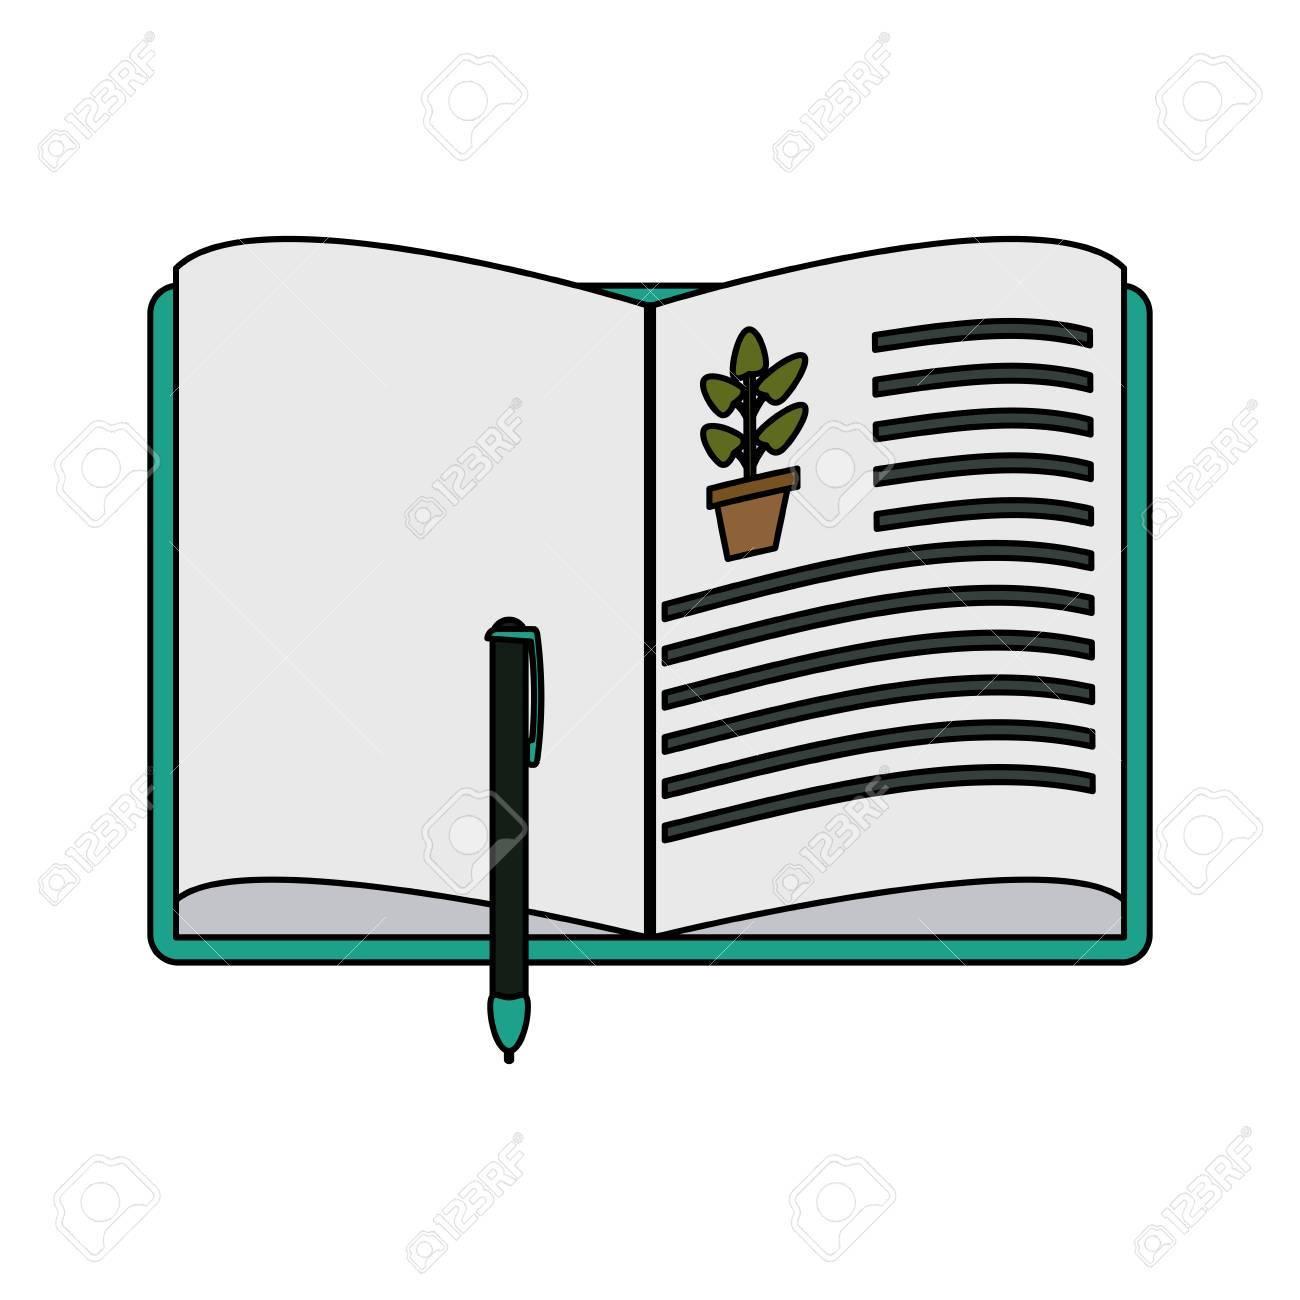 foto de archivo libro abierto con planta dibujo ciencia relacionada icono imagen vector ilustracin diseo